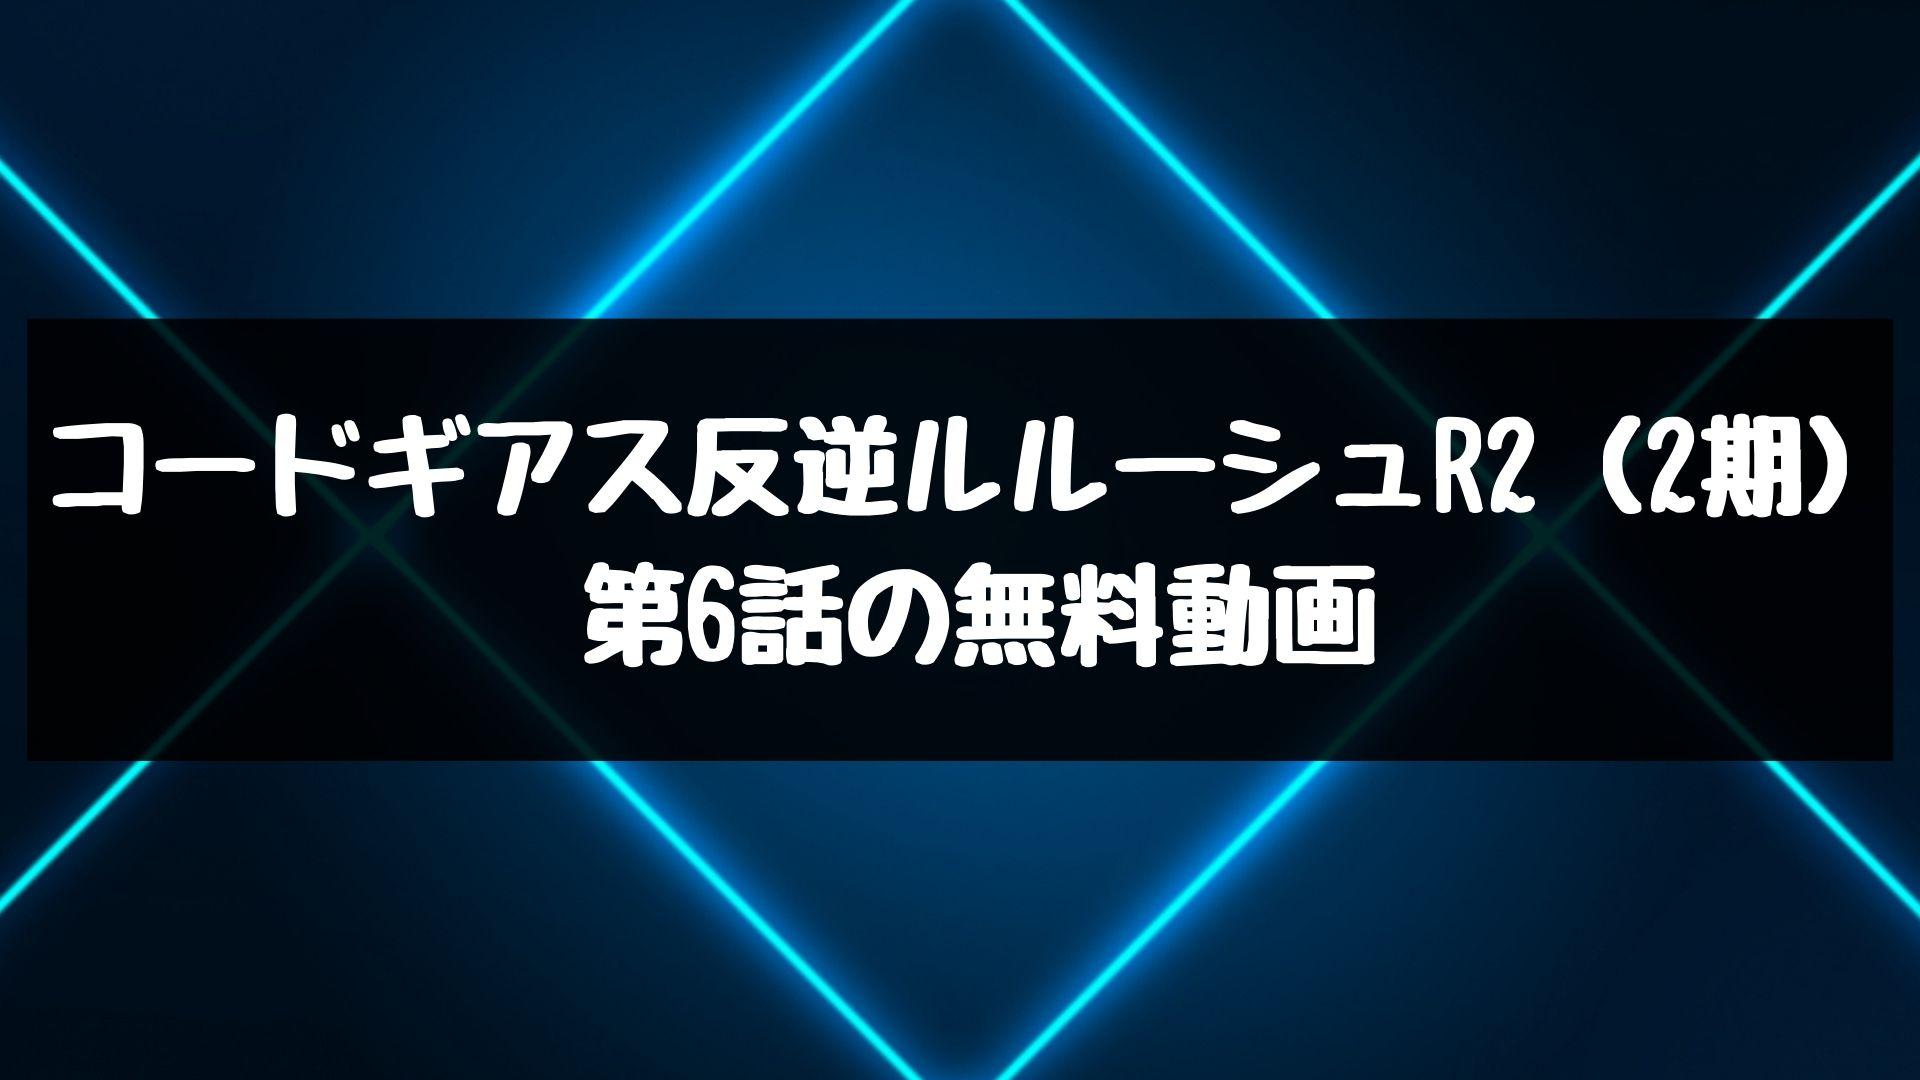 コードギアス反逆ルルーシュR2(2期) 第6話の無料動画